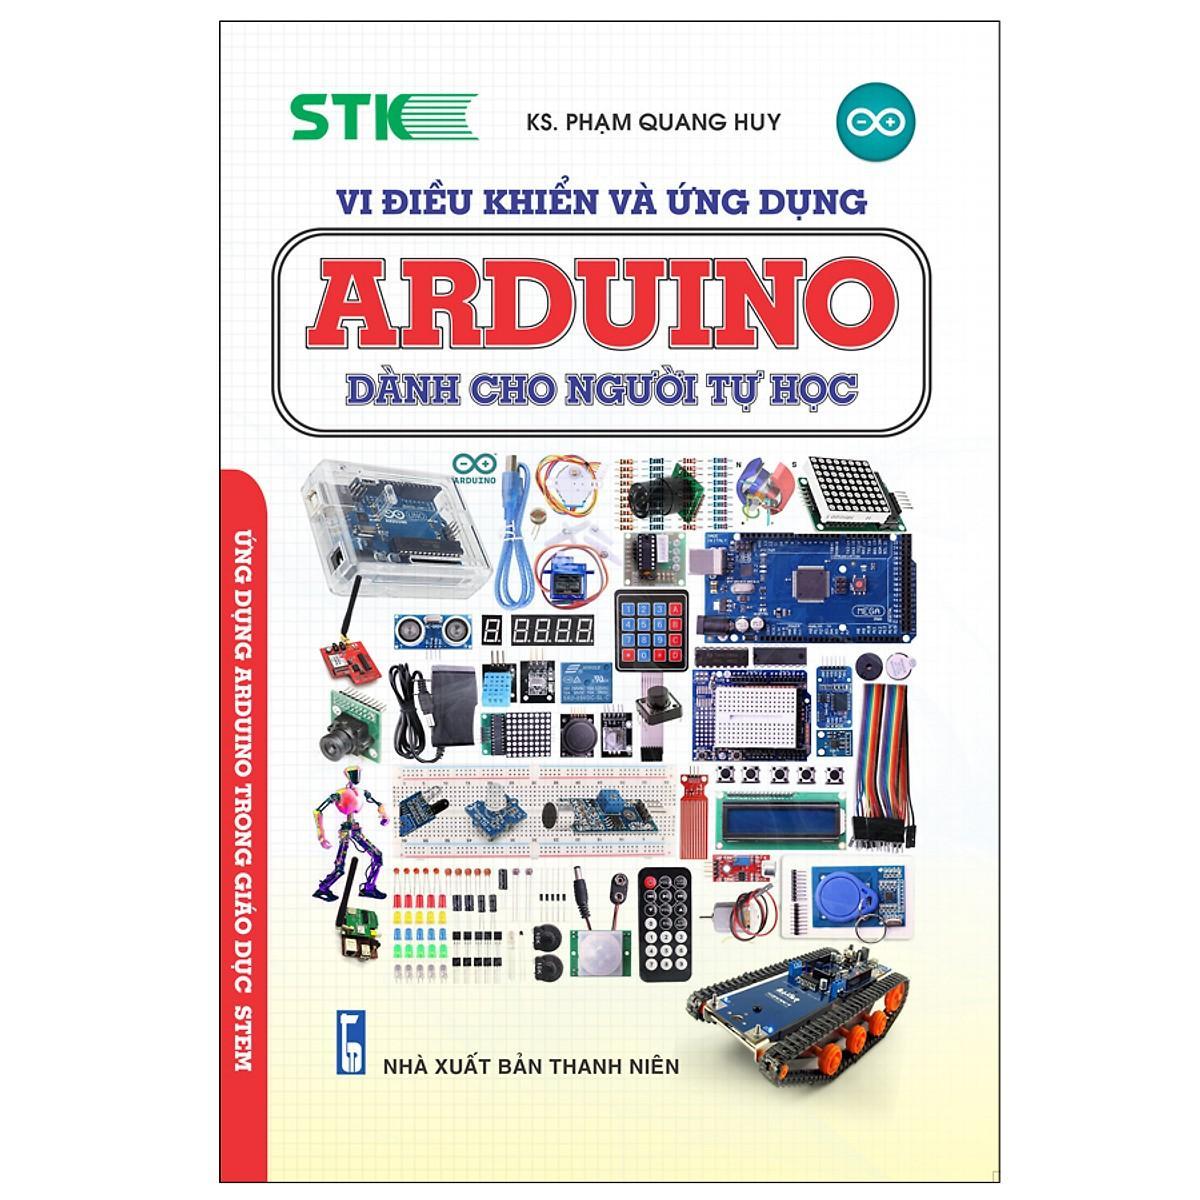 Mua Vi Điều Khiển Và Ứng Dụng - Arduino Dành Cho Người Tự Học (Tái Bản 2019)